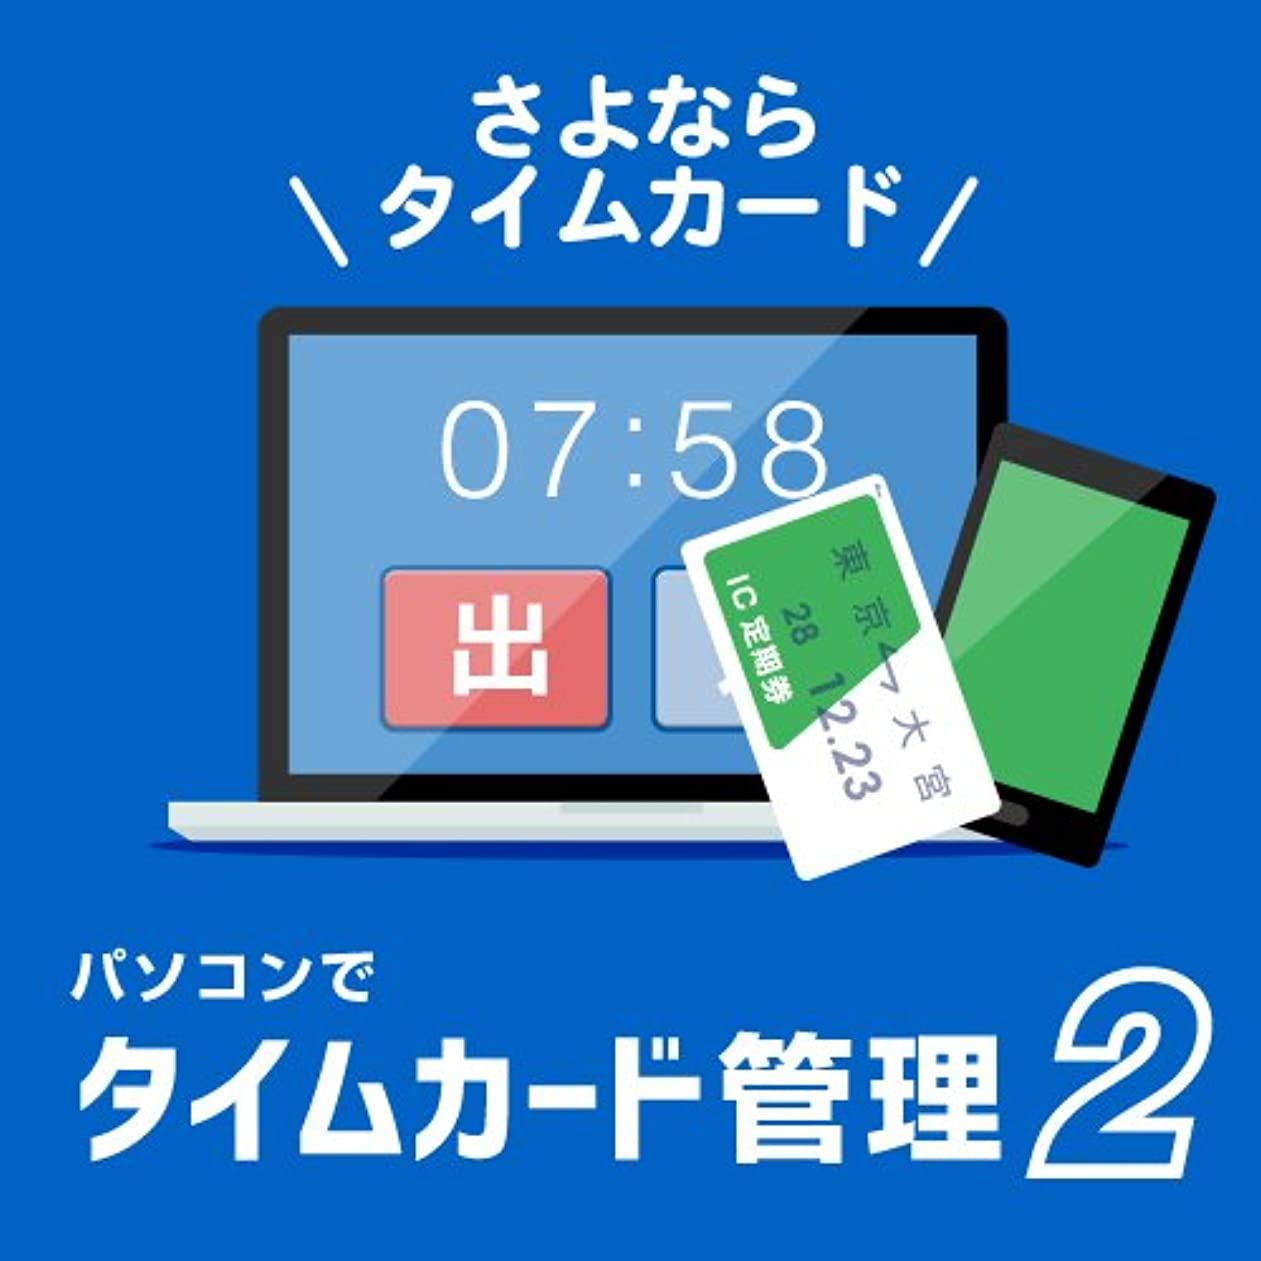 時間とともに会話レモンパソコンでタイムカード管理2|ダウンロード版